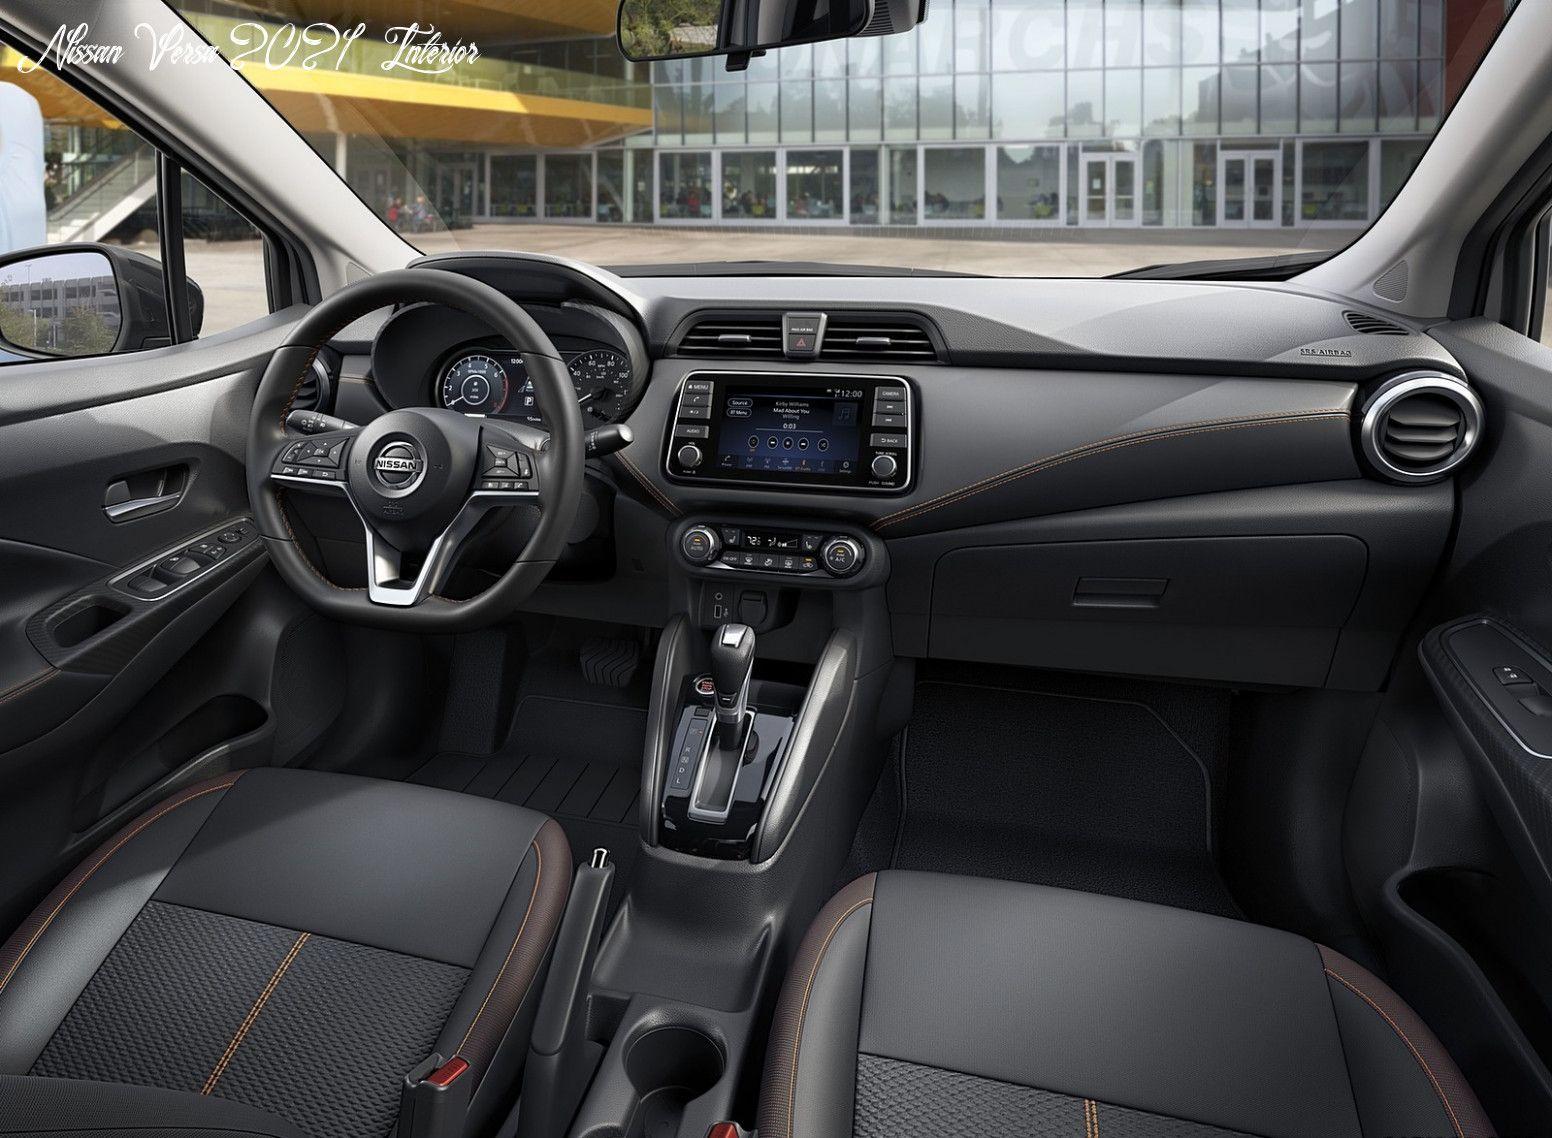 Nissan Versa 2021 Interior New Concept In 2020 Nissan Versa Nissan Interior